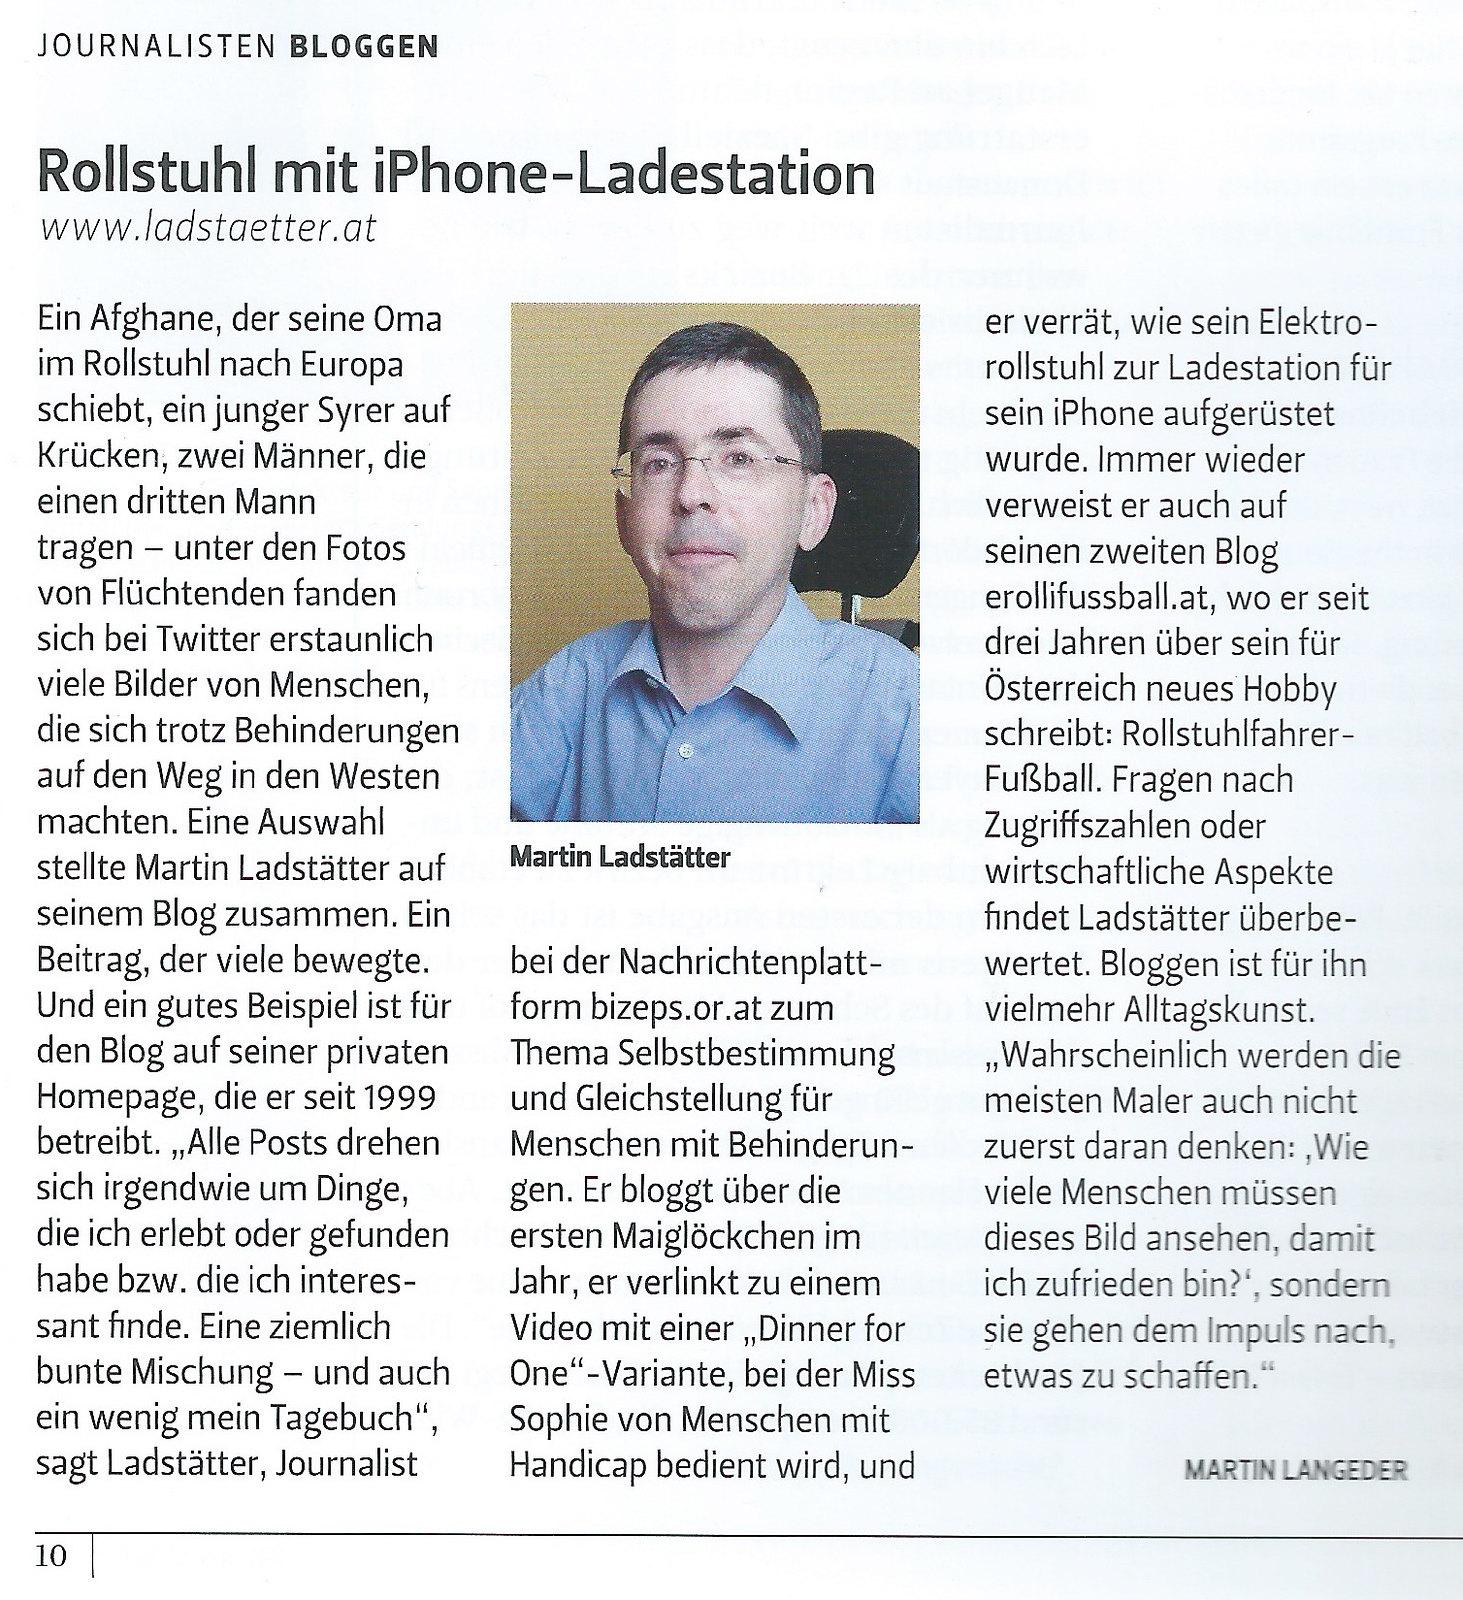 Der Österreichische Journalist: Rollstuhl mit iPhone Ladestation